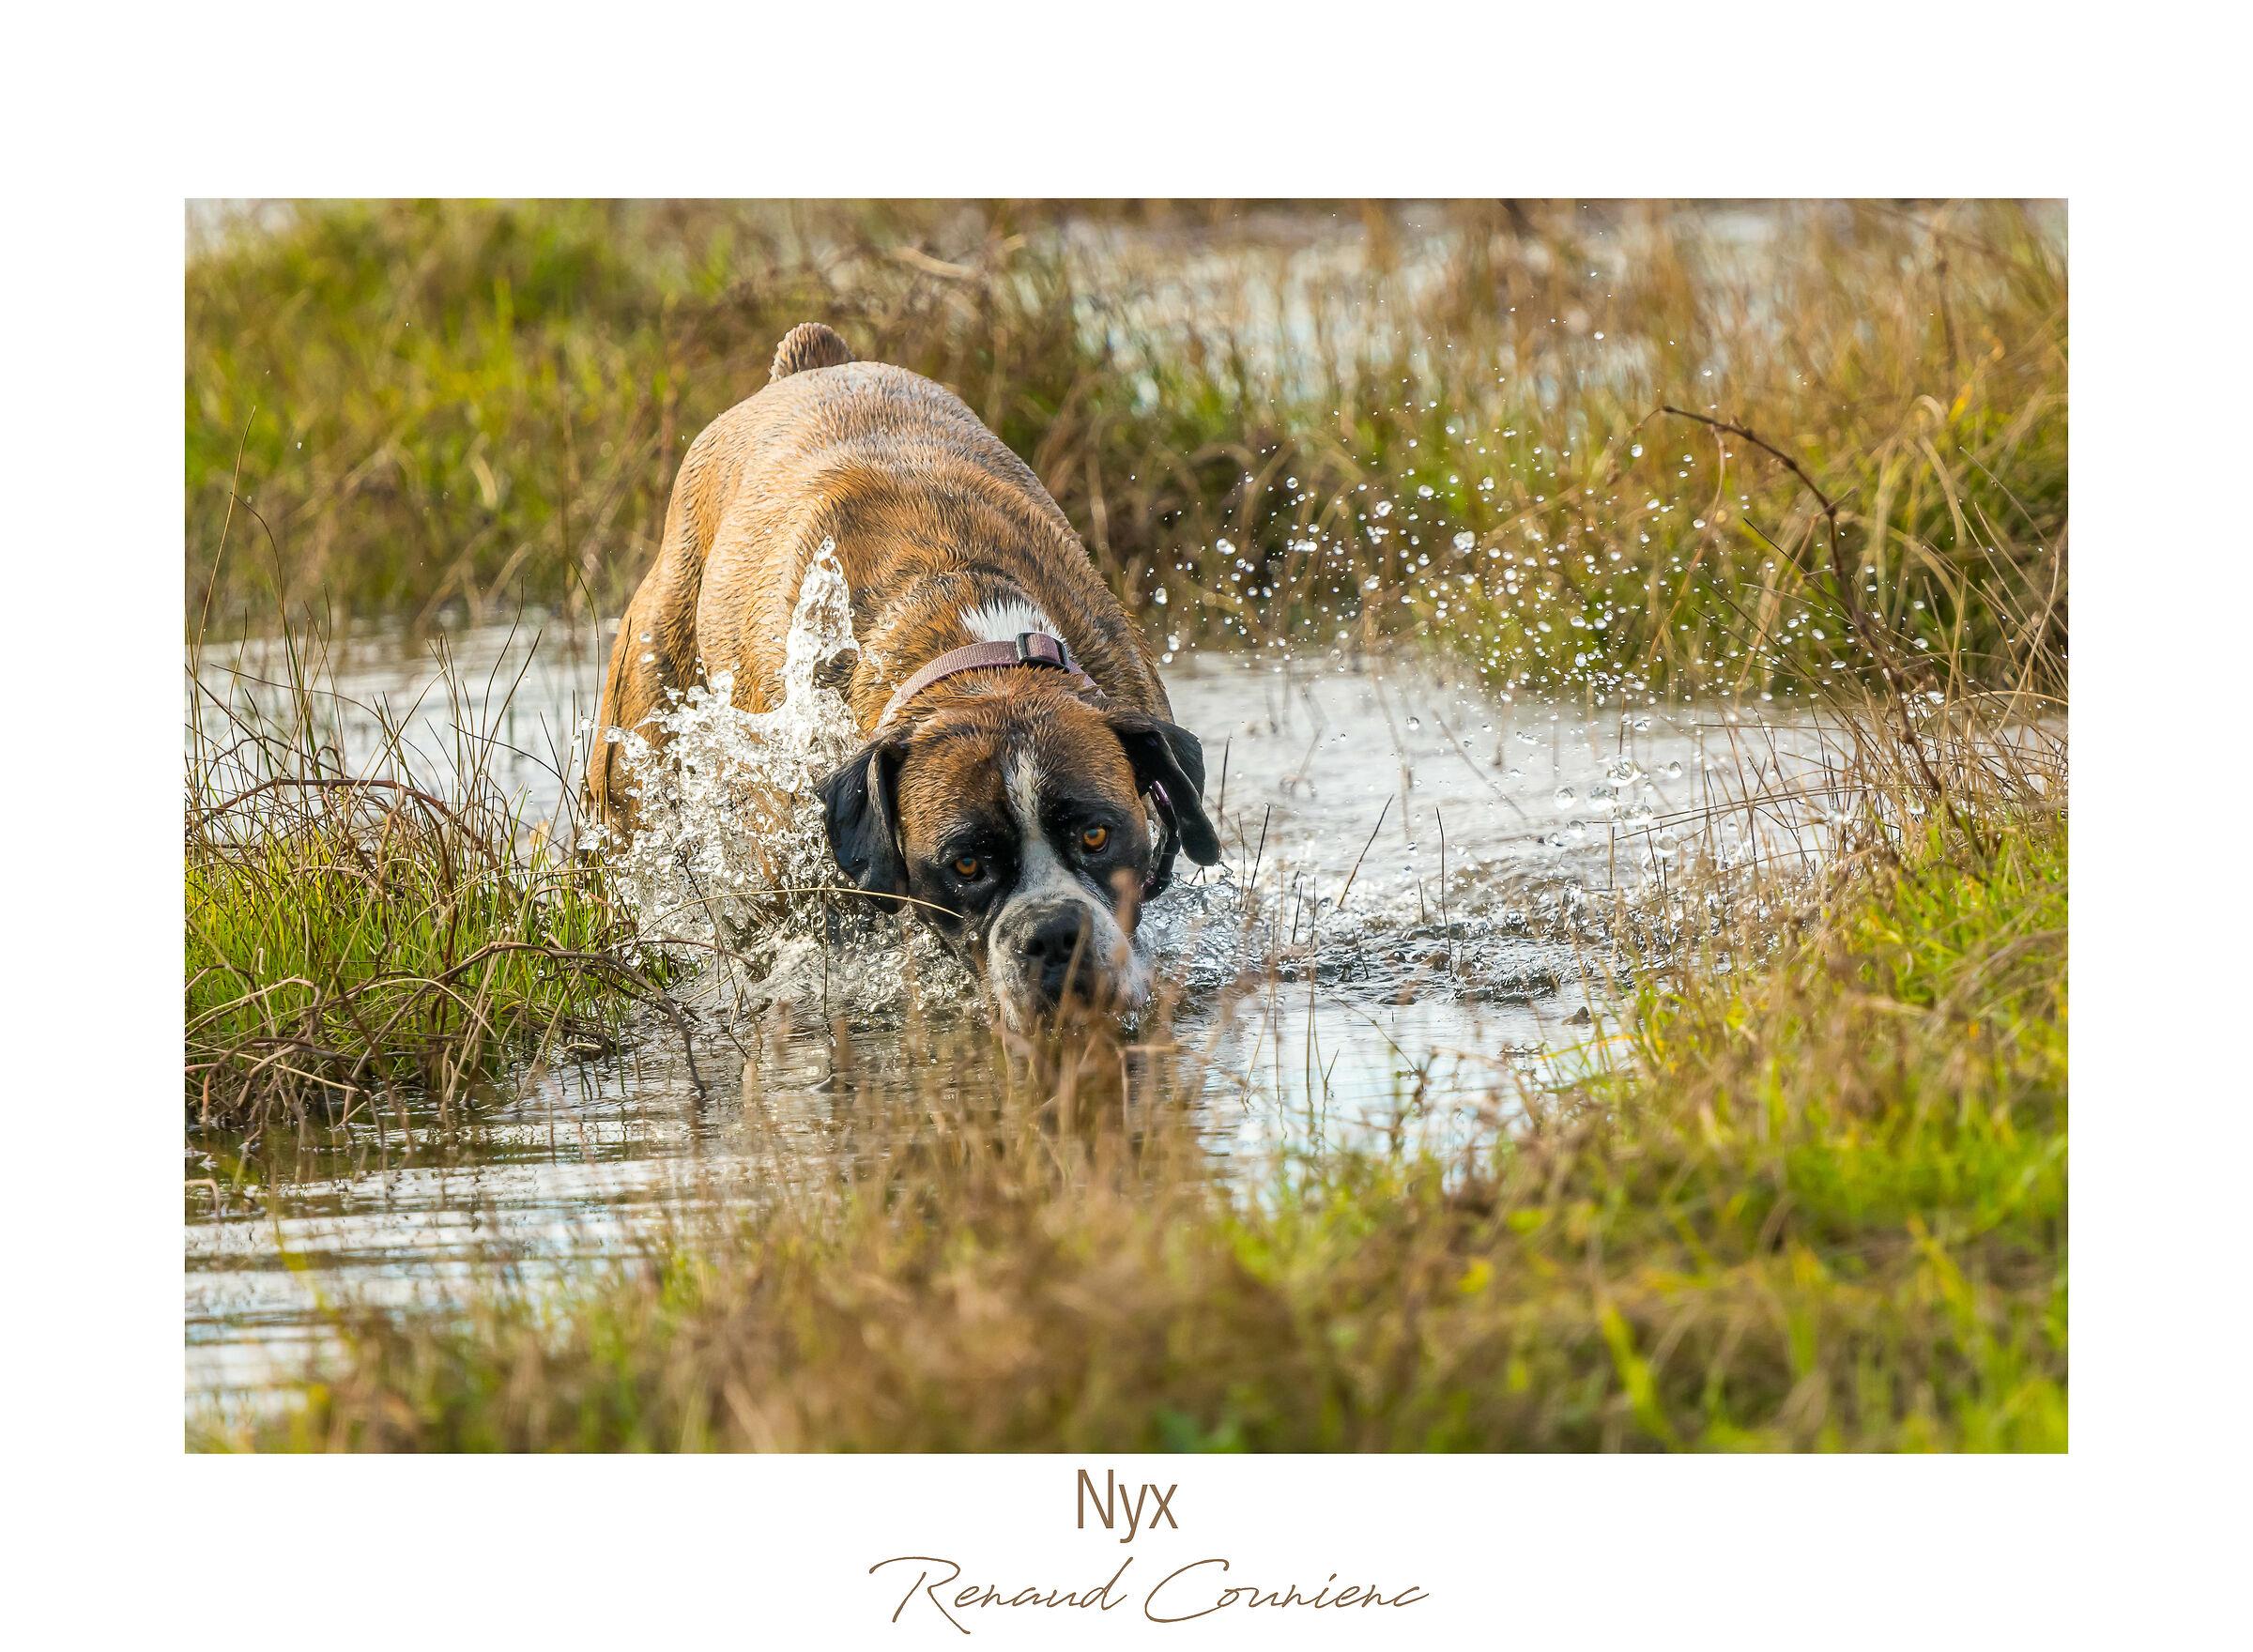 I do like hunting dogs...